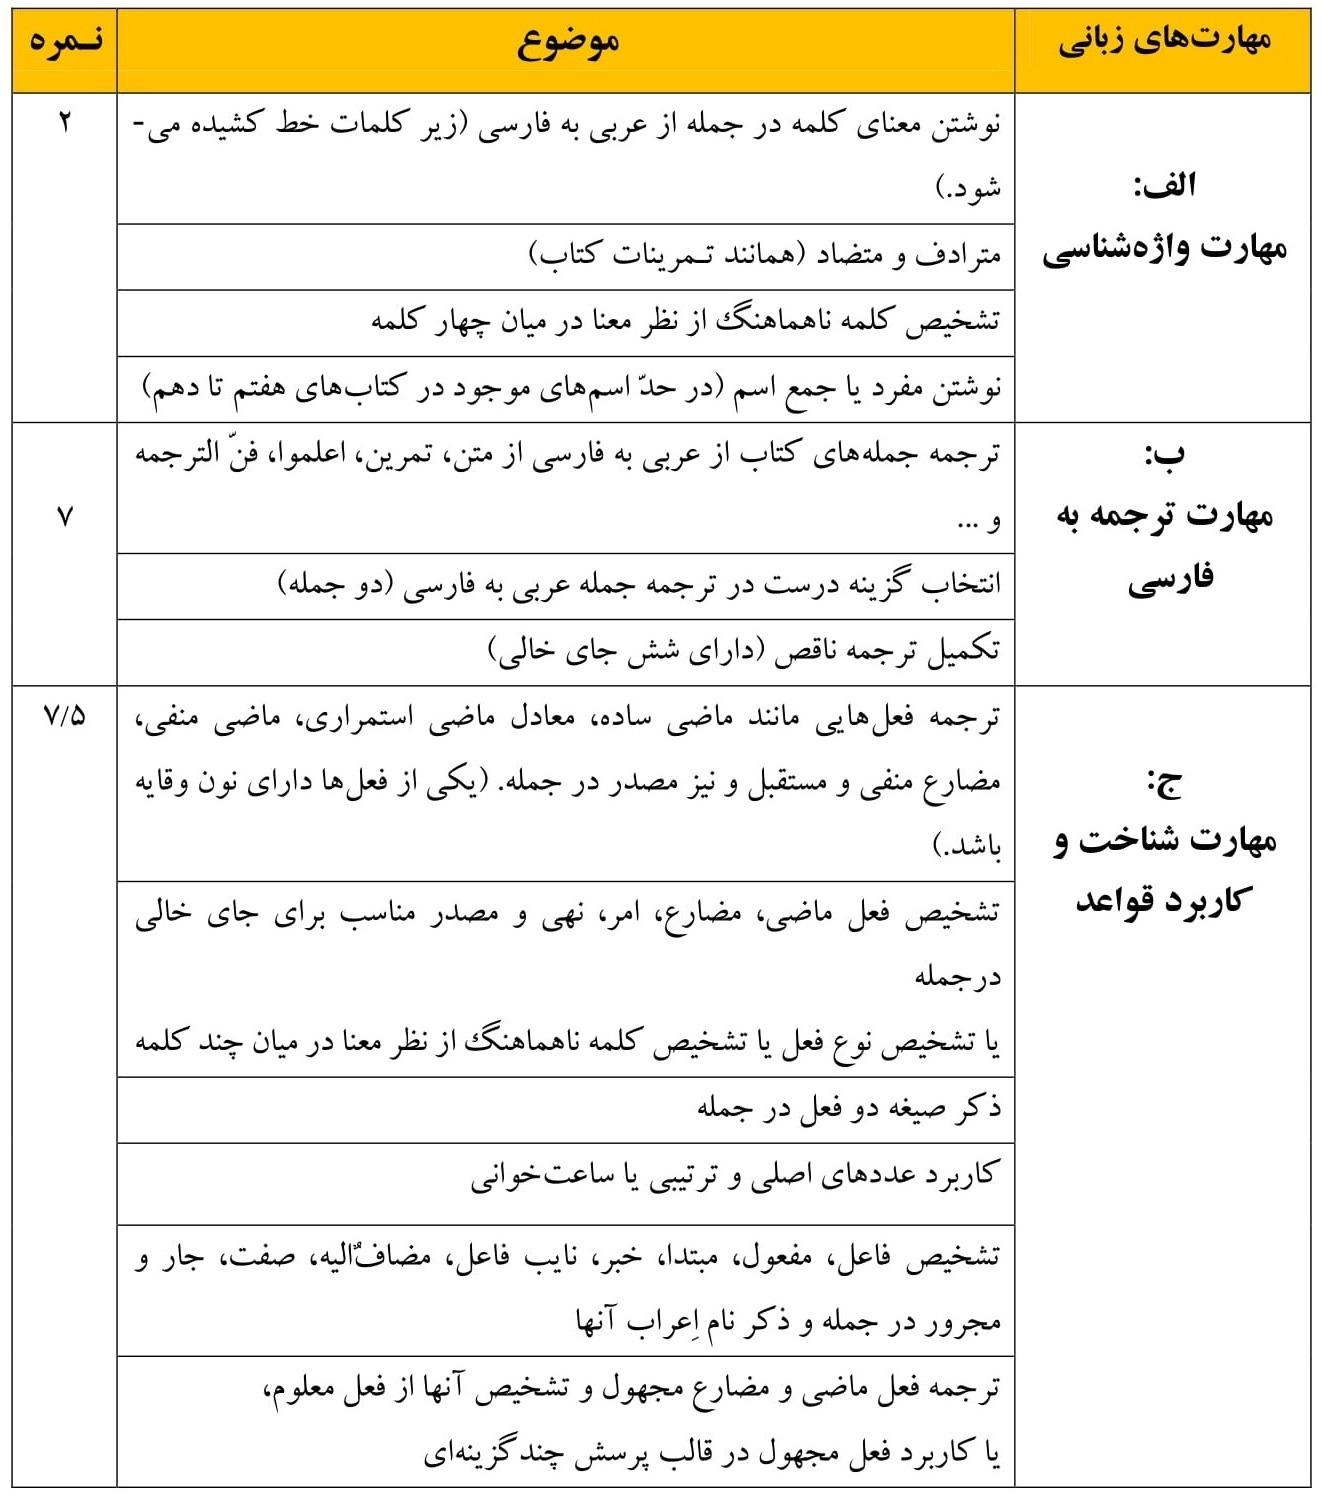 arabi nobat1 10 Ensani نمونه سوال عربی دهم نوبت اول به همراه پاسخنامه